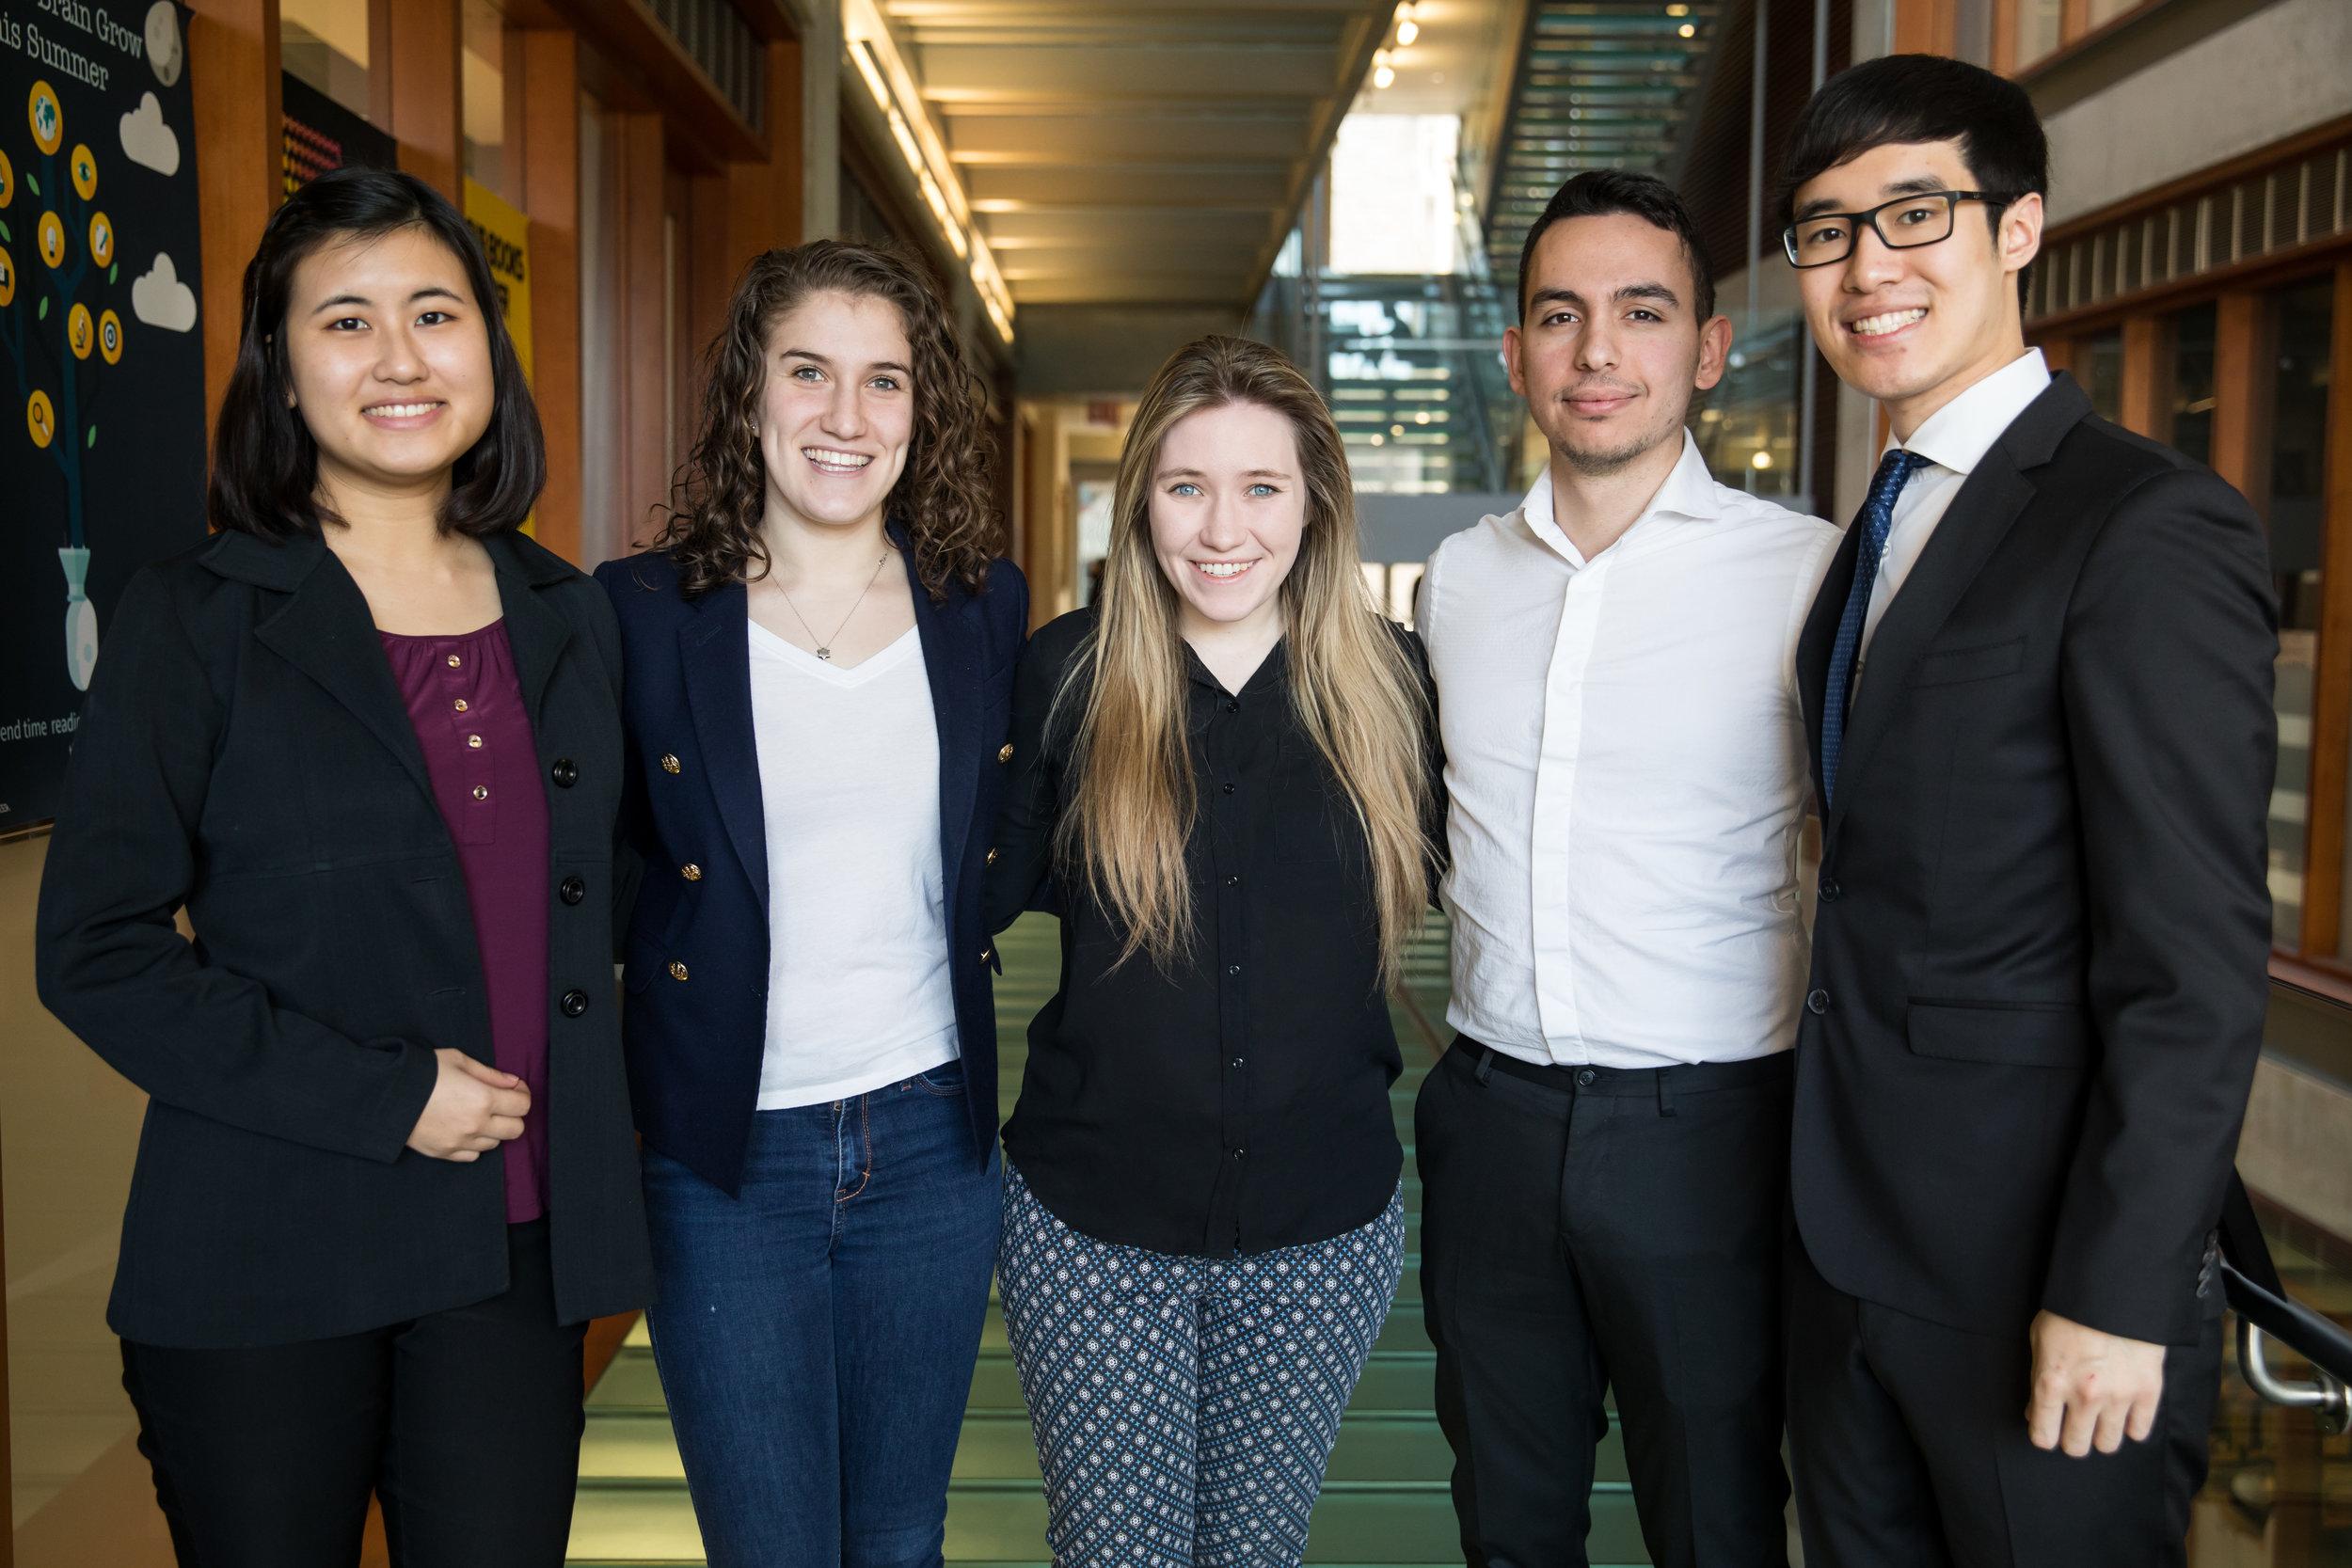 Left to Right : Jasmine Kim, Beth Lester, Anna O'Donnell, Mert Pekdemir, Joshua Kim (EDI '18)